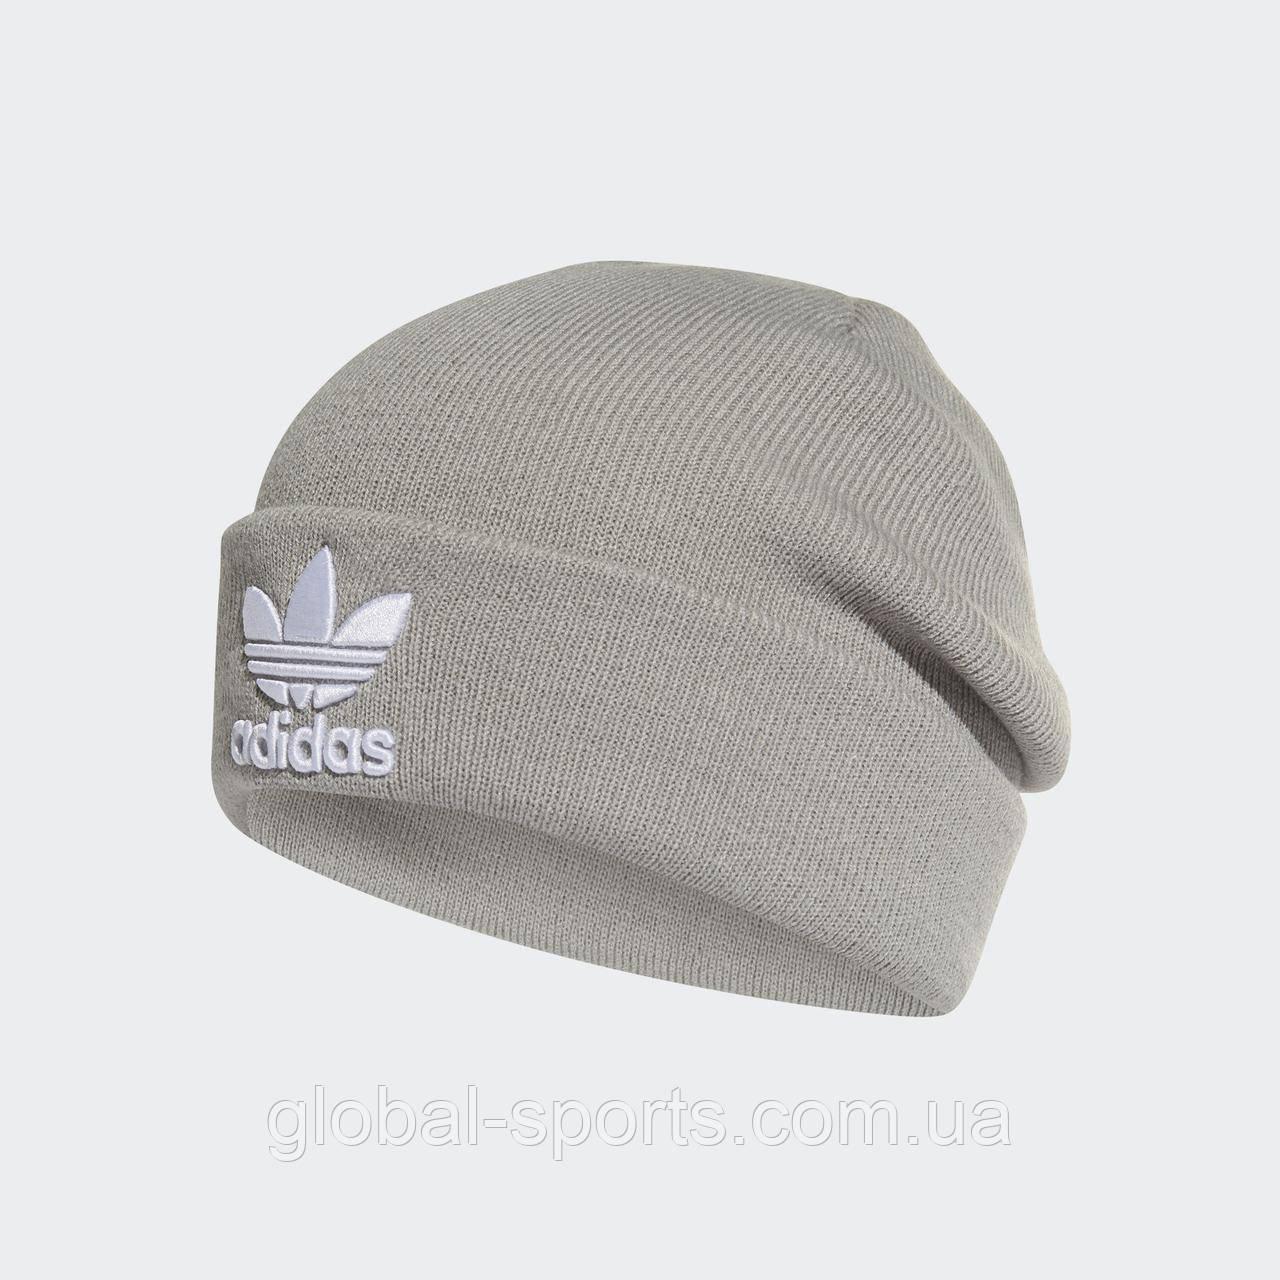 Шапка-бини Adidas Trefoil(Артикул:DH4296 )